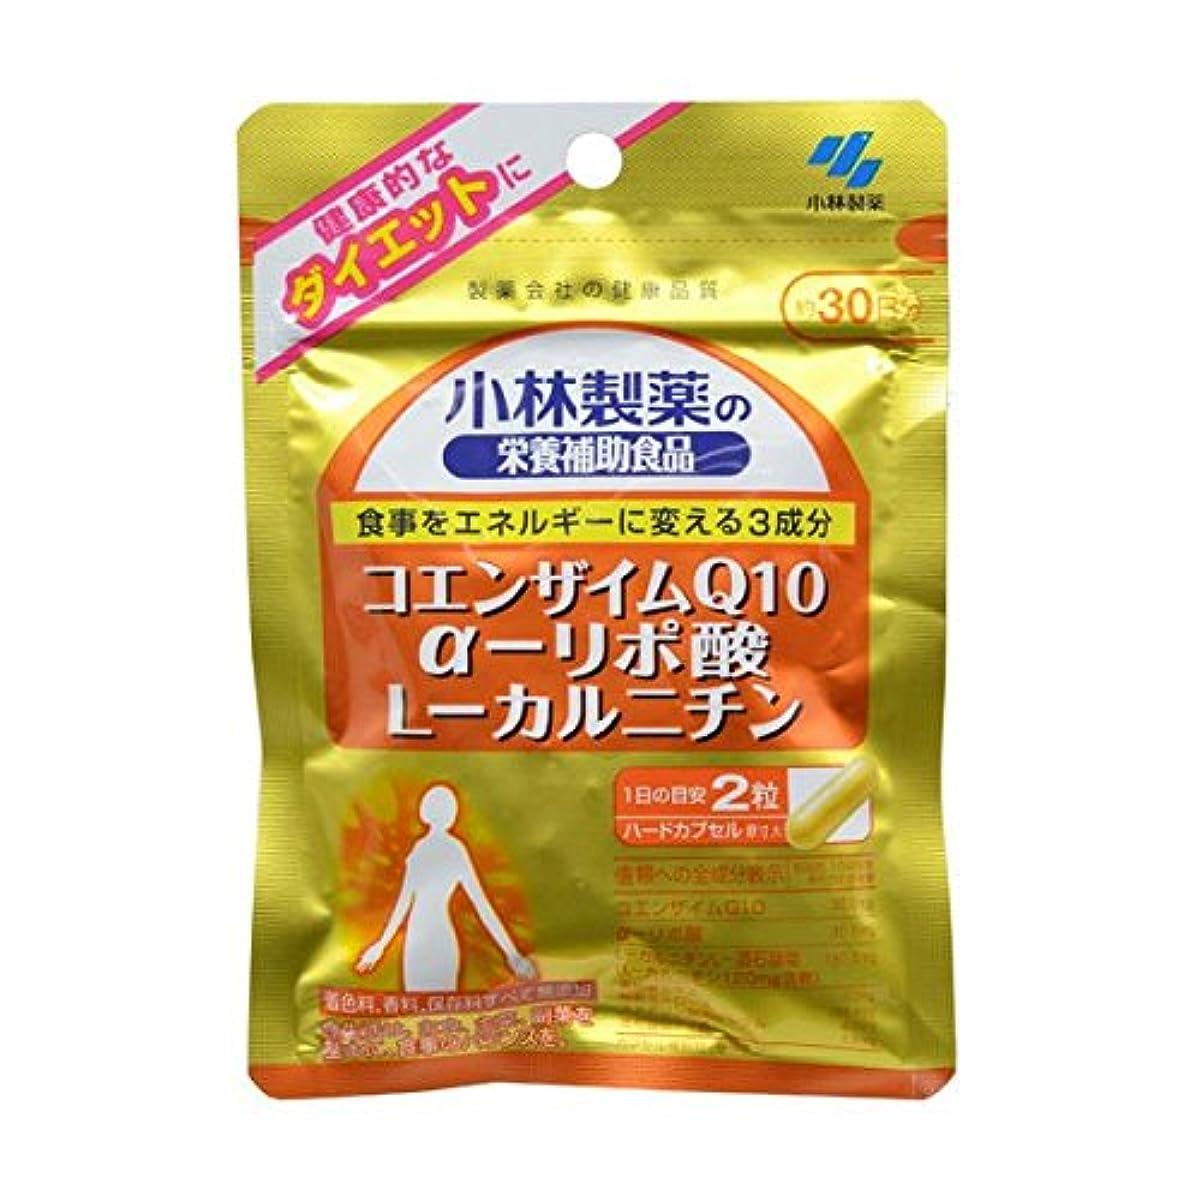 フェザー然としたスキッパー小林製薬 小林製薬の栄養補助食品コエンザイムQ10α-リポ酸L-カルニチン60粒×2